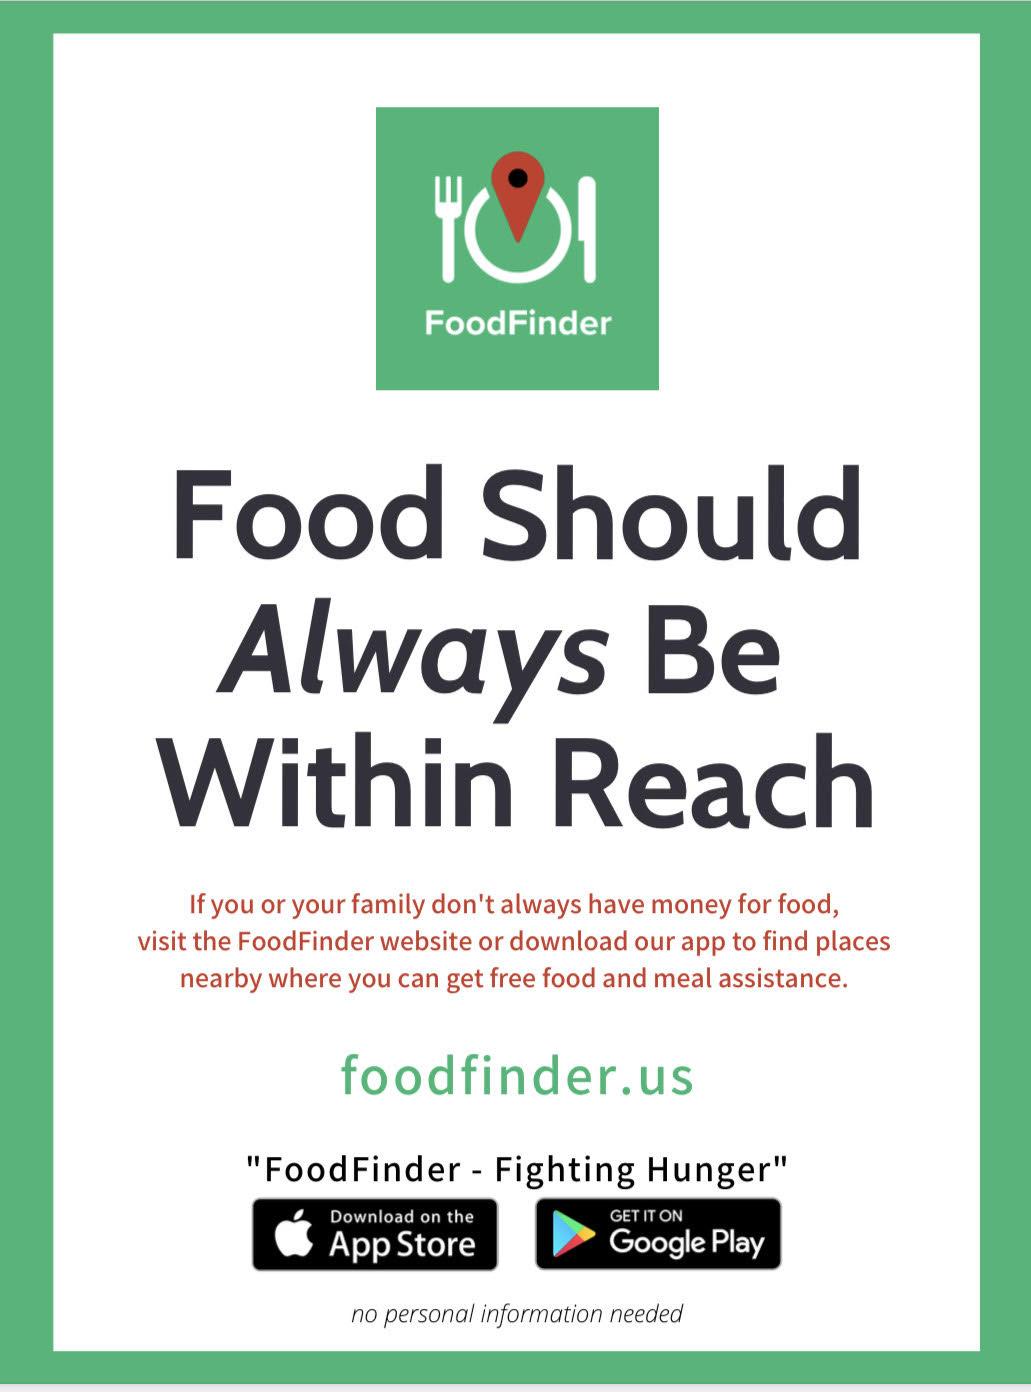 3 https://play.google.com/store/apps/details?id=org.foodfinderga.foodfinder&hl=en_US&gl=US